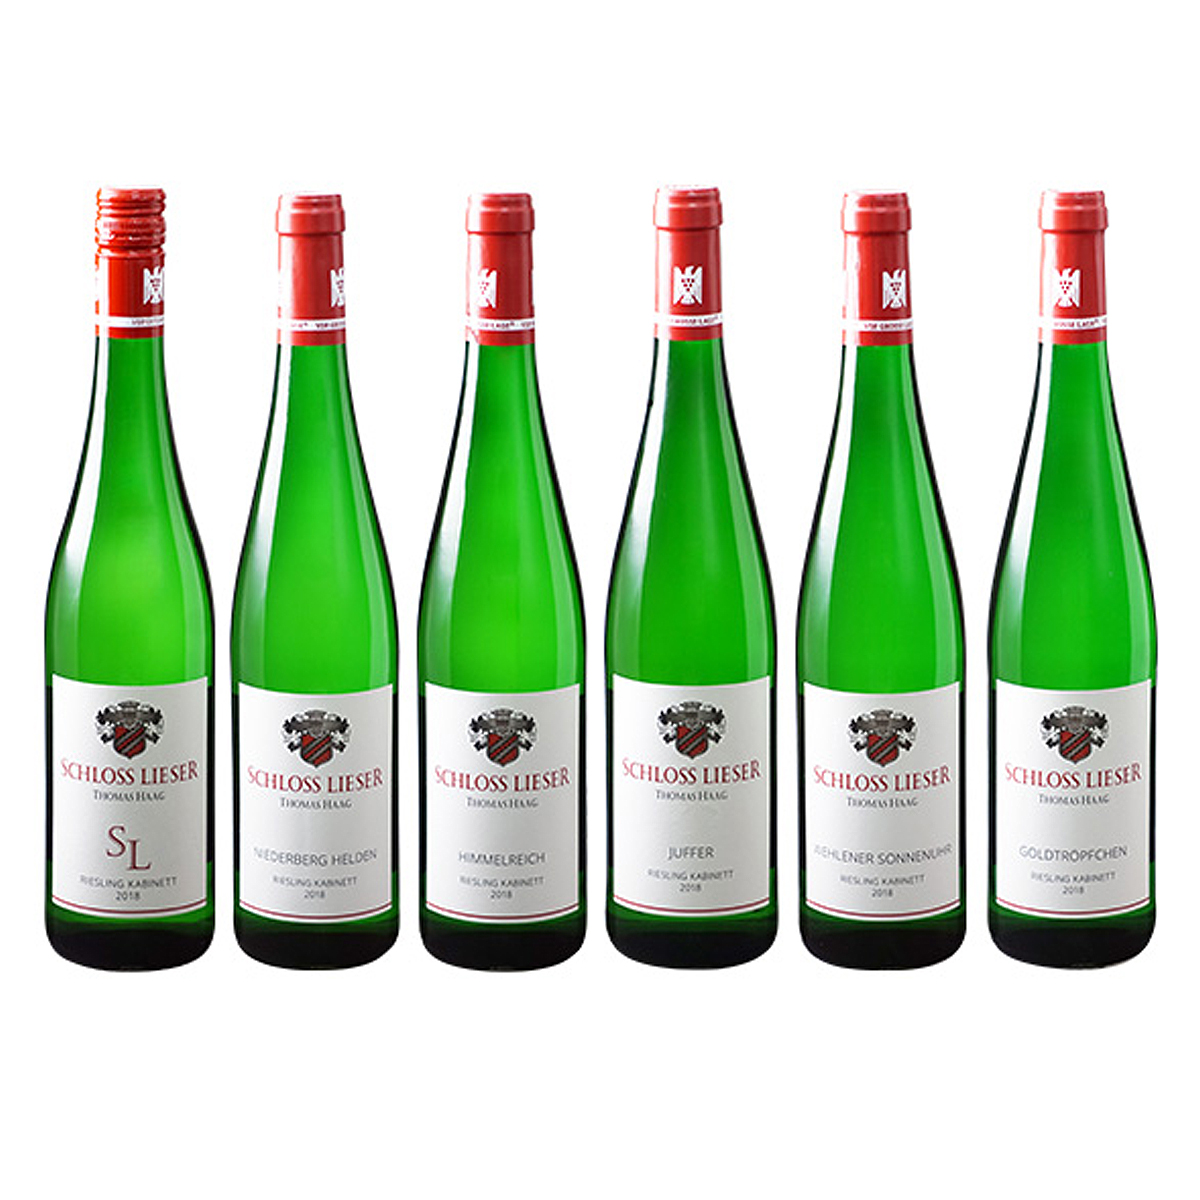 ワイン ドイツワイン 新品 大注目 白ワイン セレクトセット シュロス リーザー カビネットセット Schloss Lieser Kabinett 6 甘口 750ml×6本 ドイツ ハーク トーマス Set Botteles